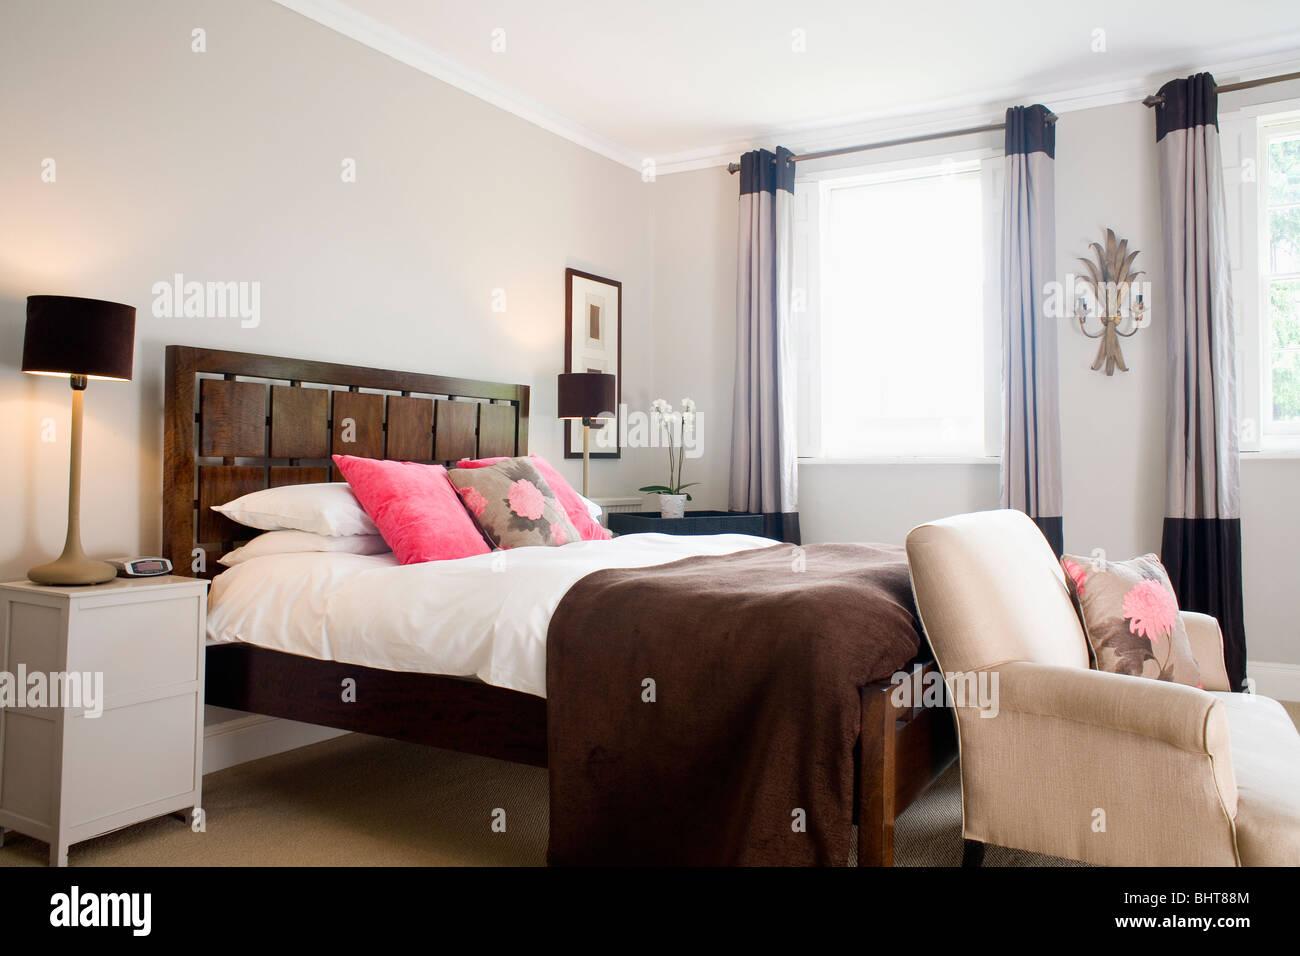 Tief Rosa Kissen Und Braun Zu Werfen, Auf Dem Bett Mit Kopfteil Aus Holz  Und Weißen Bettwäsche In Modernen Schlafzimmer Mit Cremefarbenen Sessel